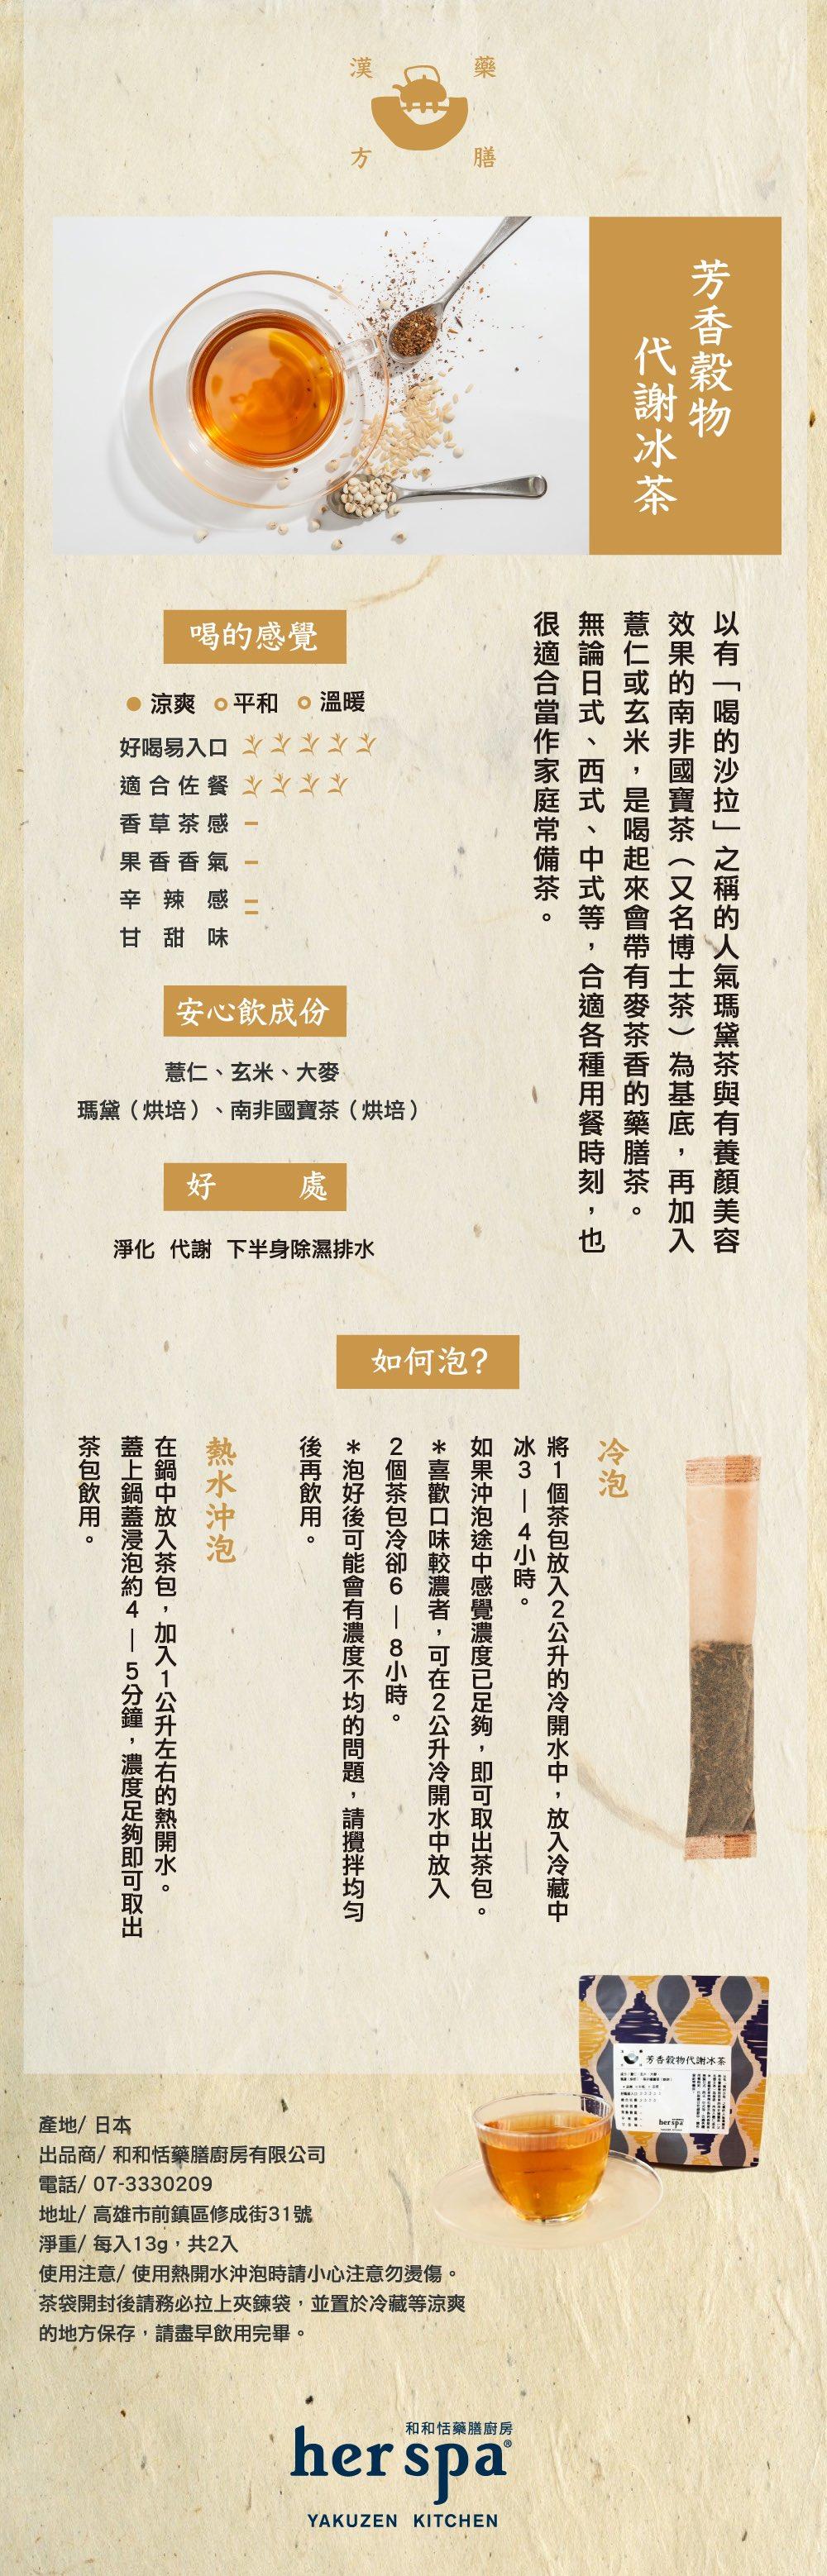 芳香穀物代謝冰茶 穀物代謝 冷水壺 免運 穀物茶功效